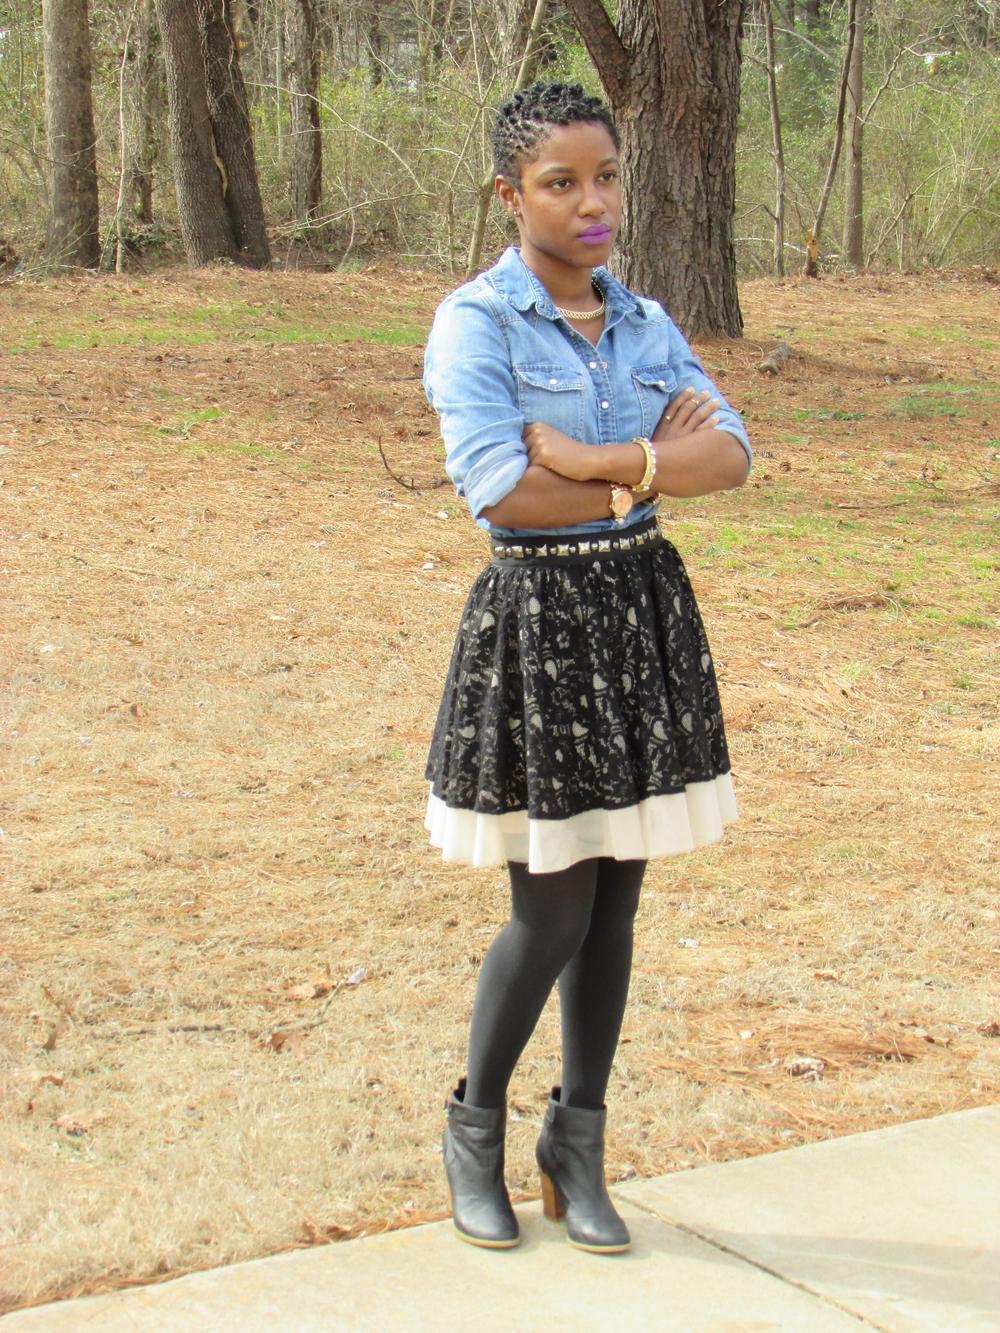 Collegiate Chic In Tulle Lace & Denim